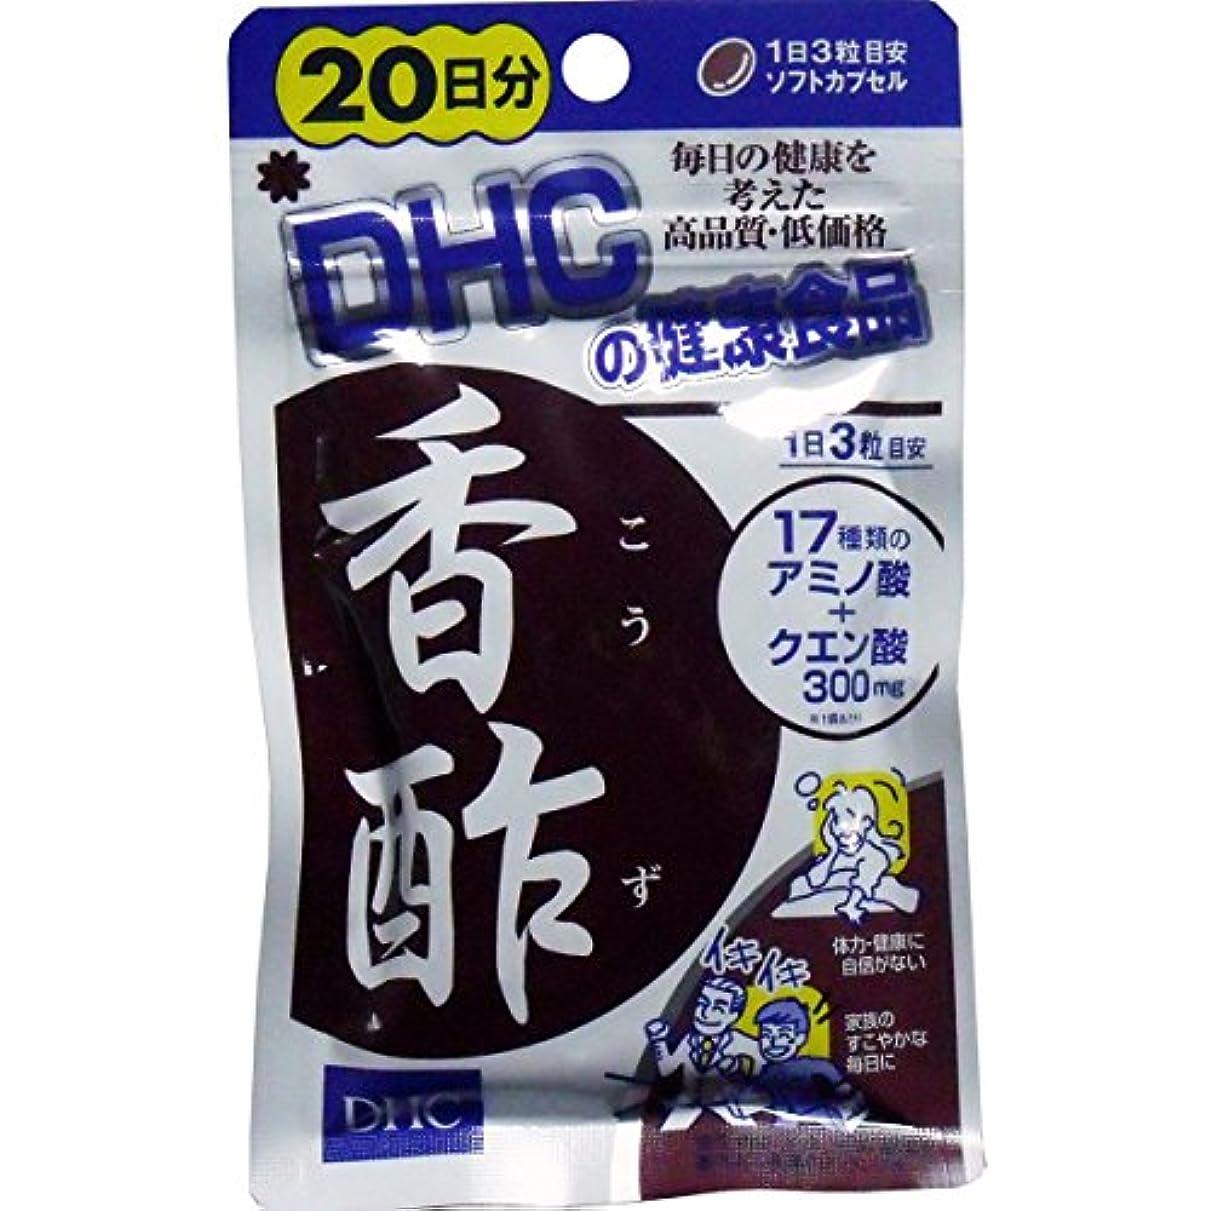 距離支払い刺繍サプリ 健康食品 香酢 酢 パワー DHC アミノ酸たっぷりの禄豊香酢を手軽に!20日分 60粒入